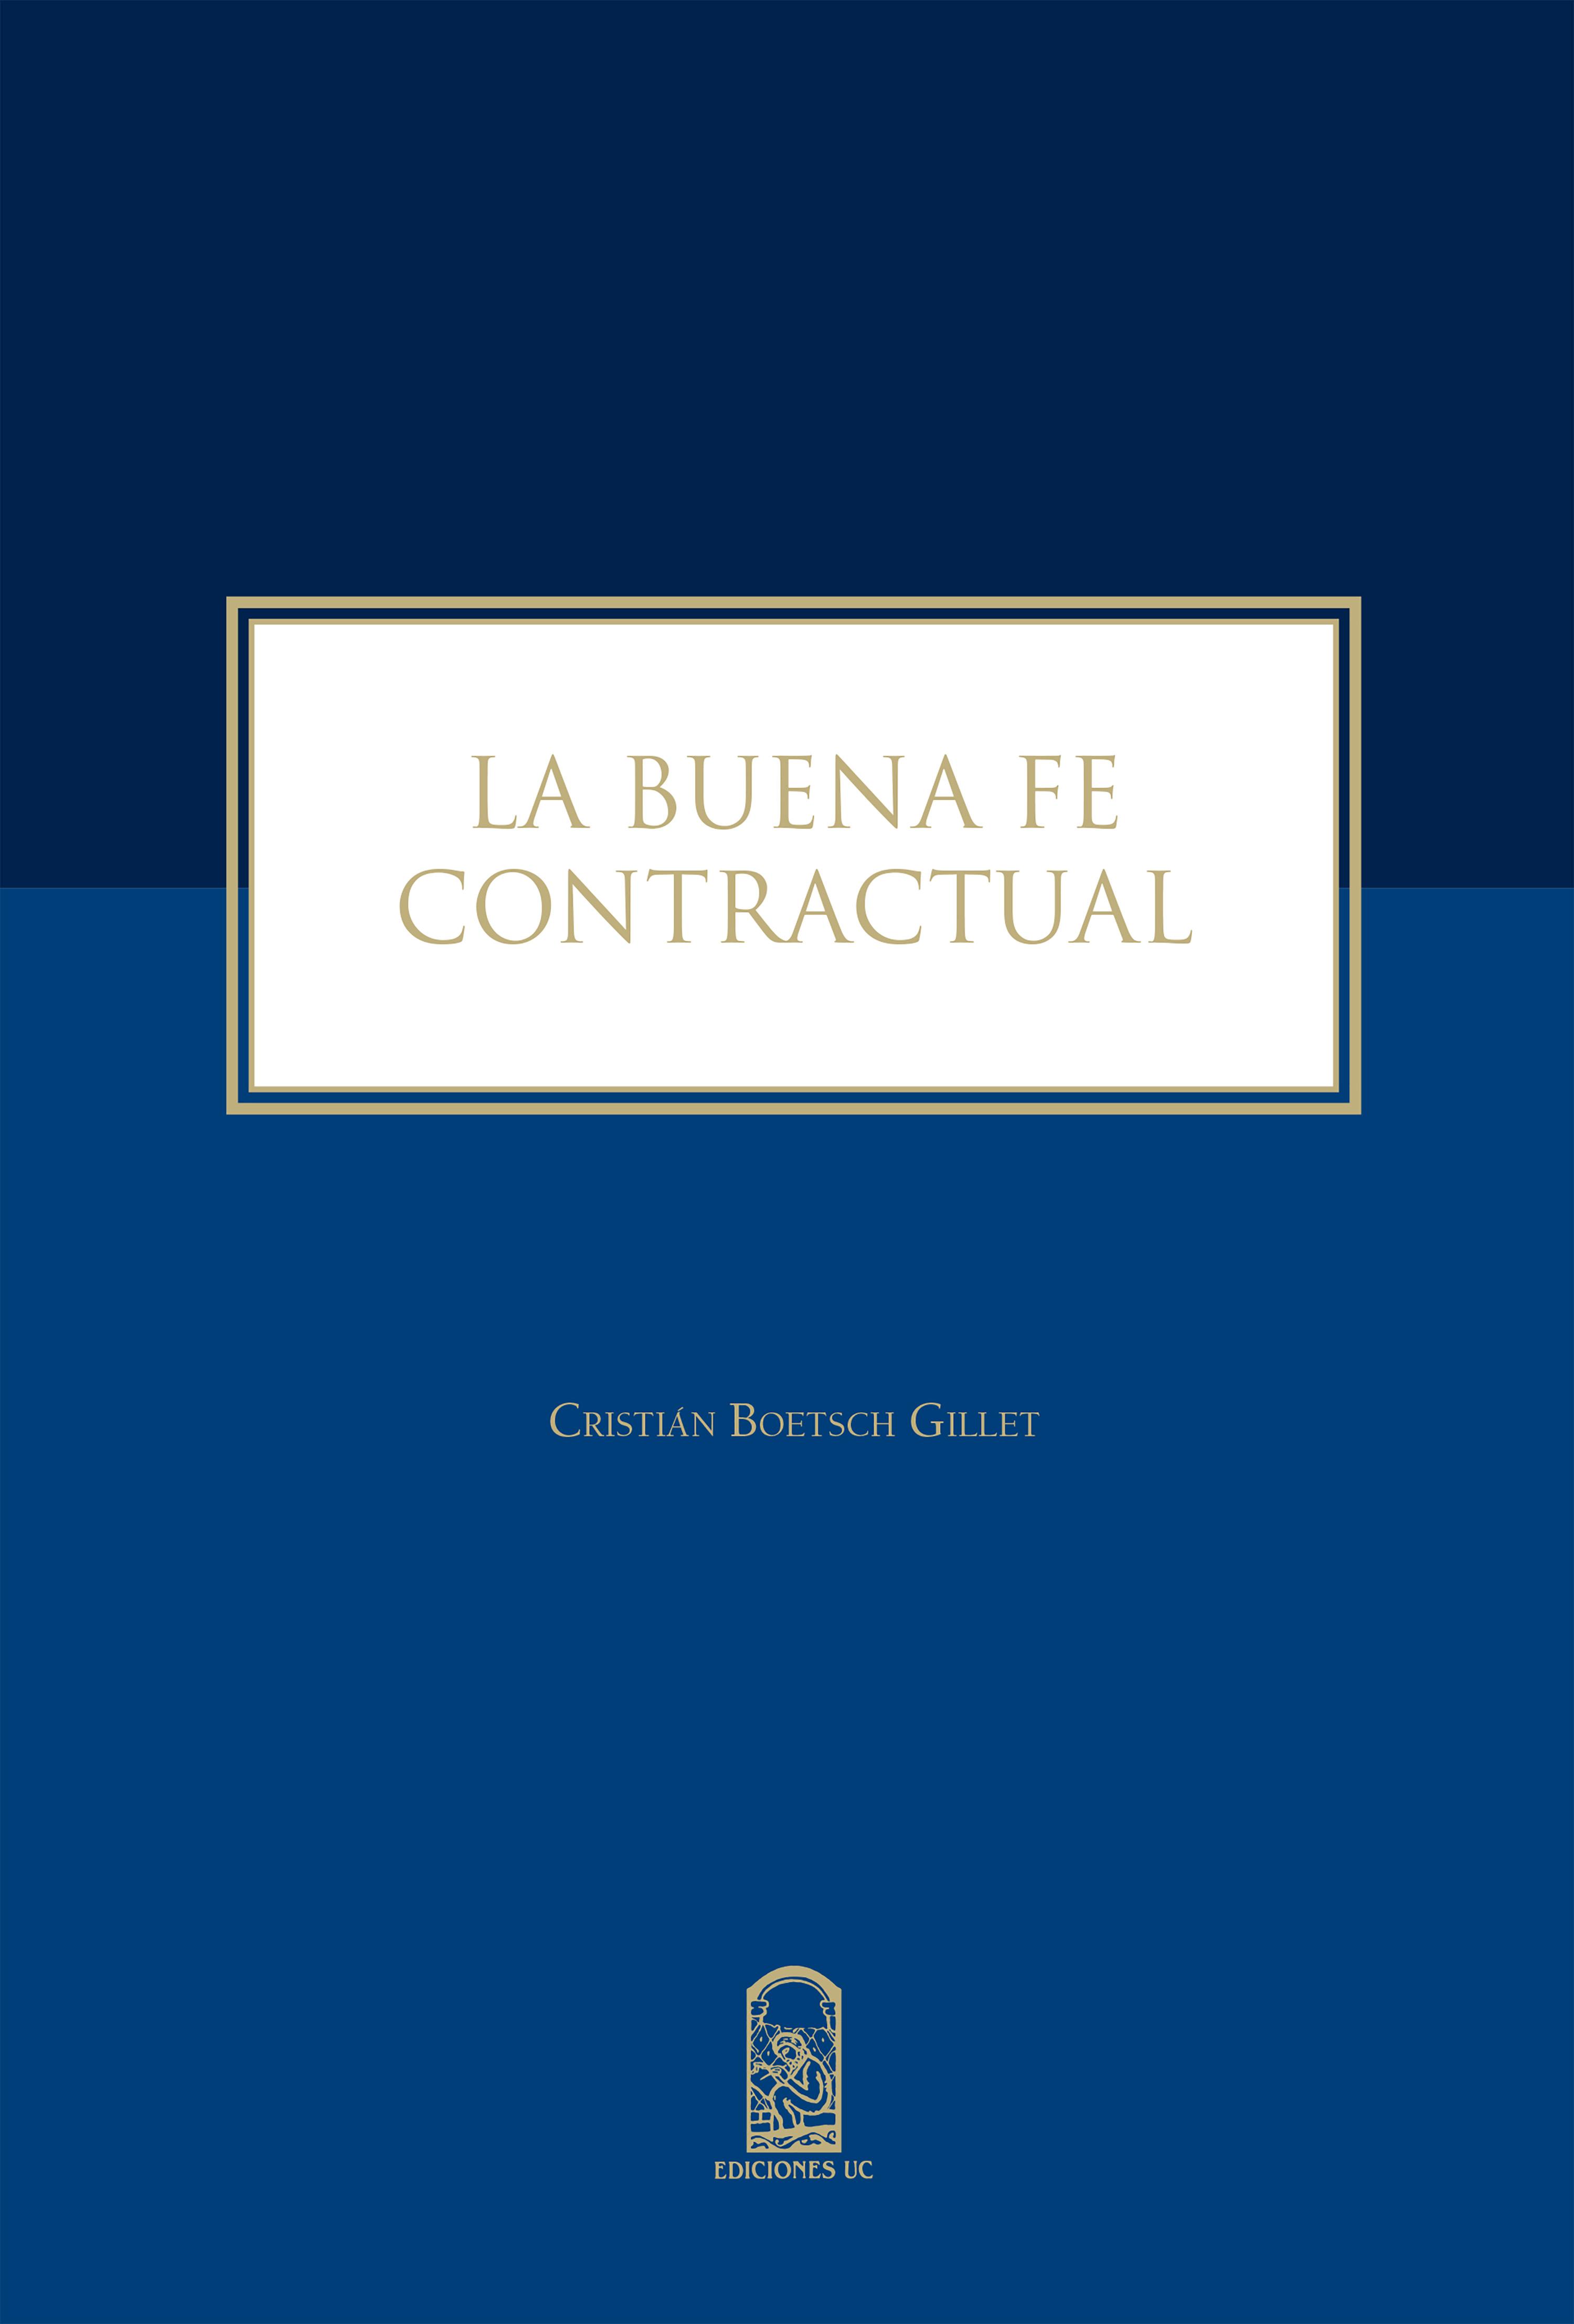 Cristián Boetsch Gillet La buena fe contractual